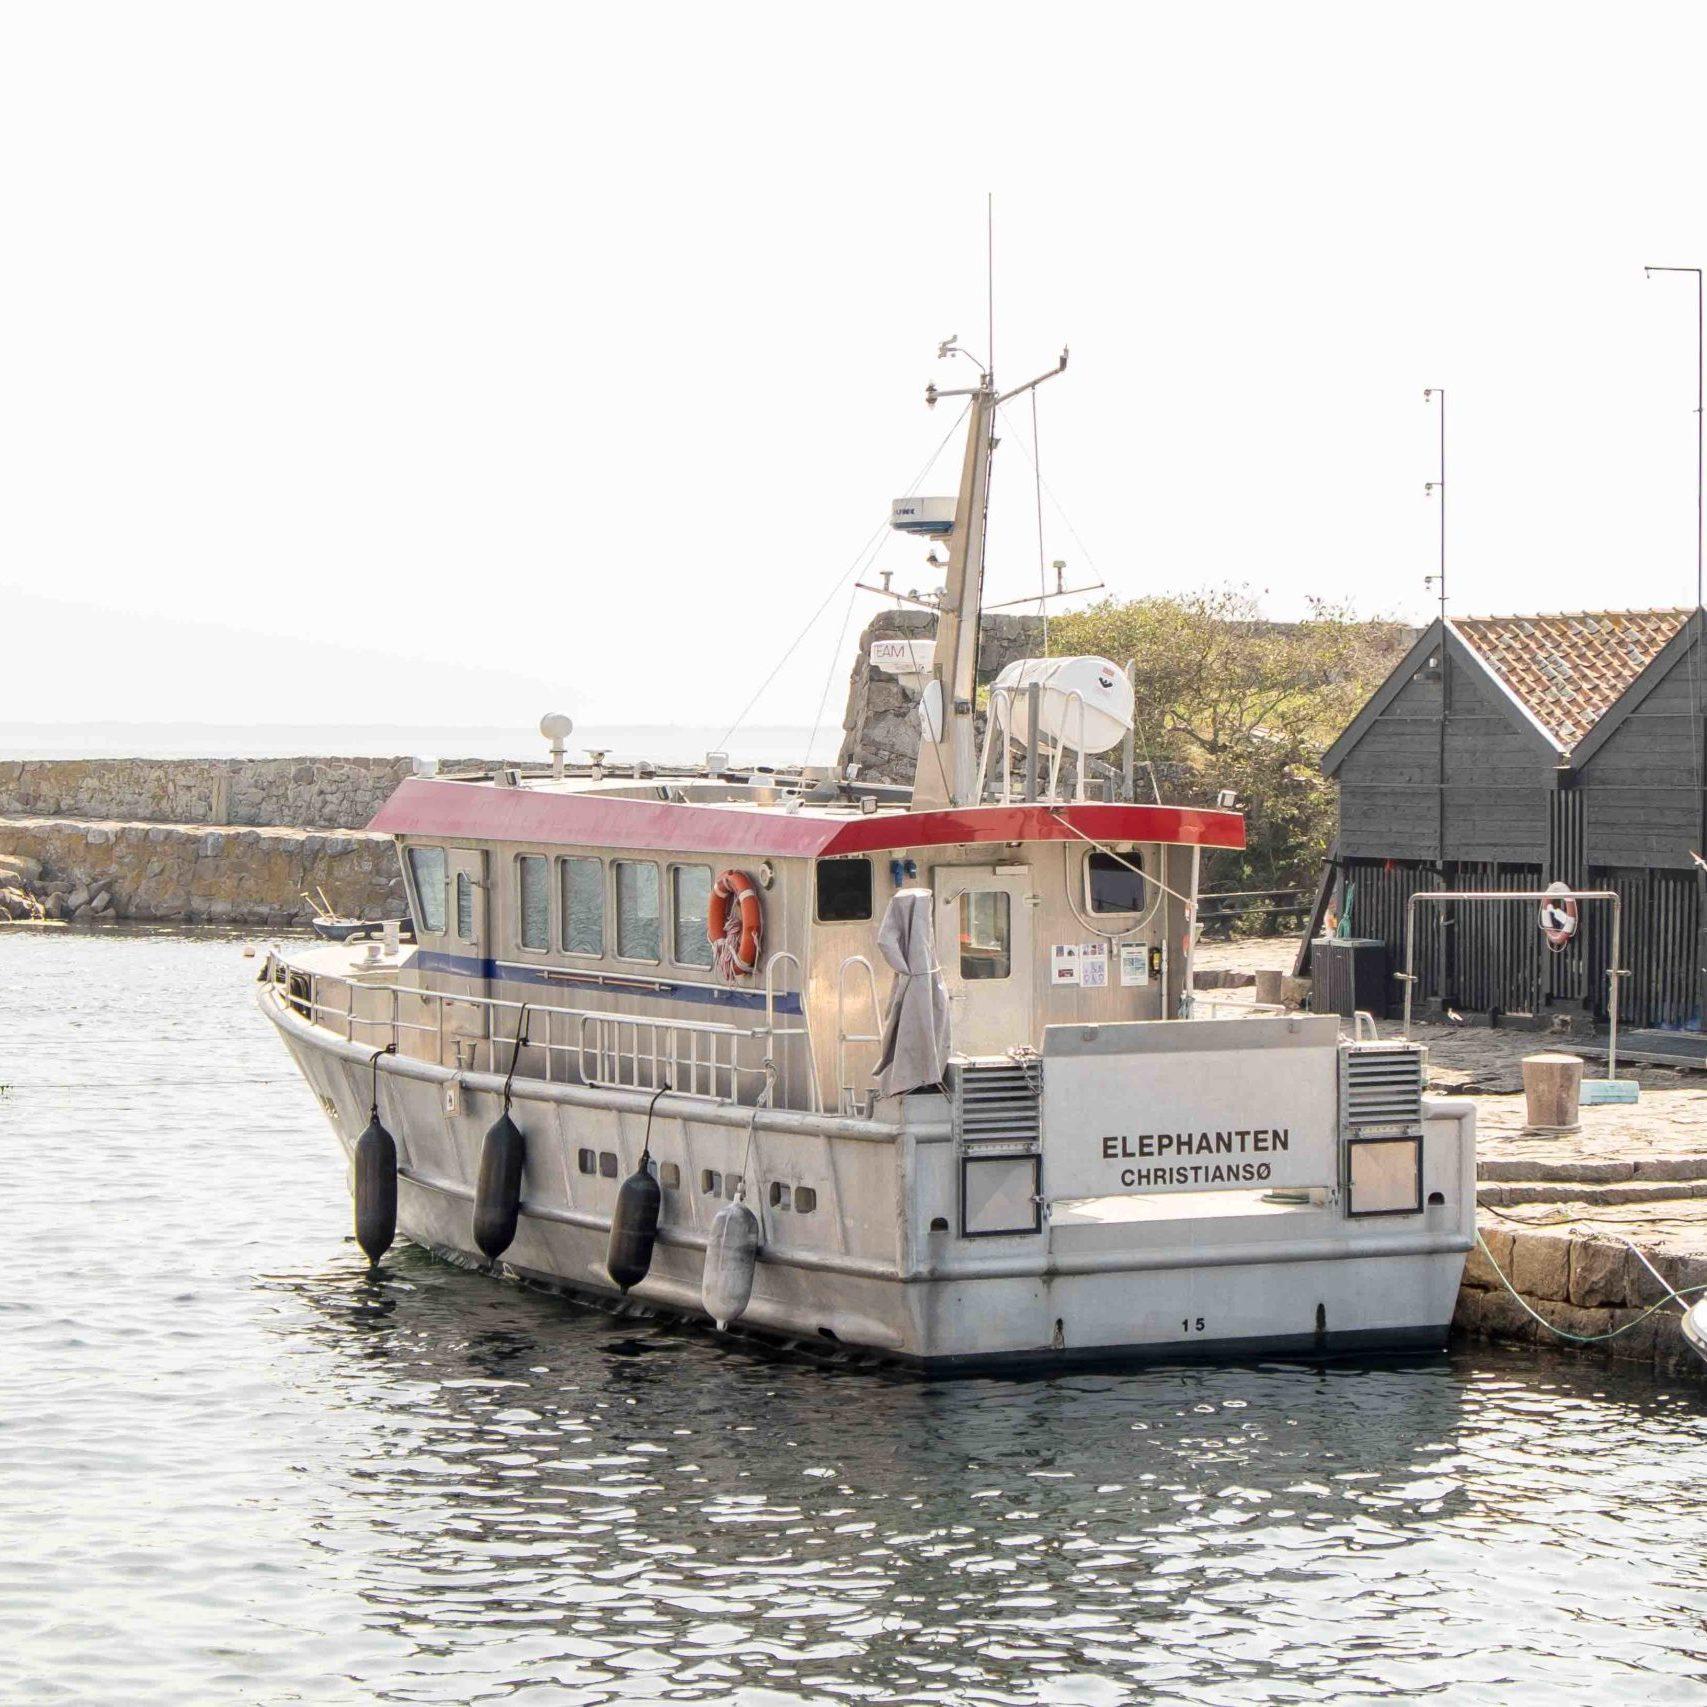 Christiansø: Inselhumor